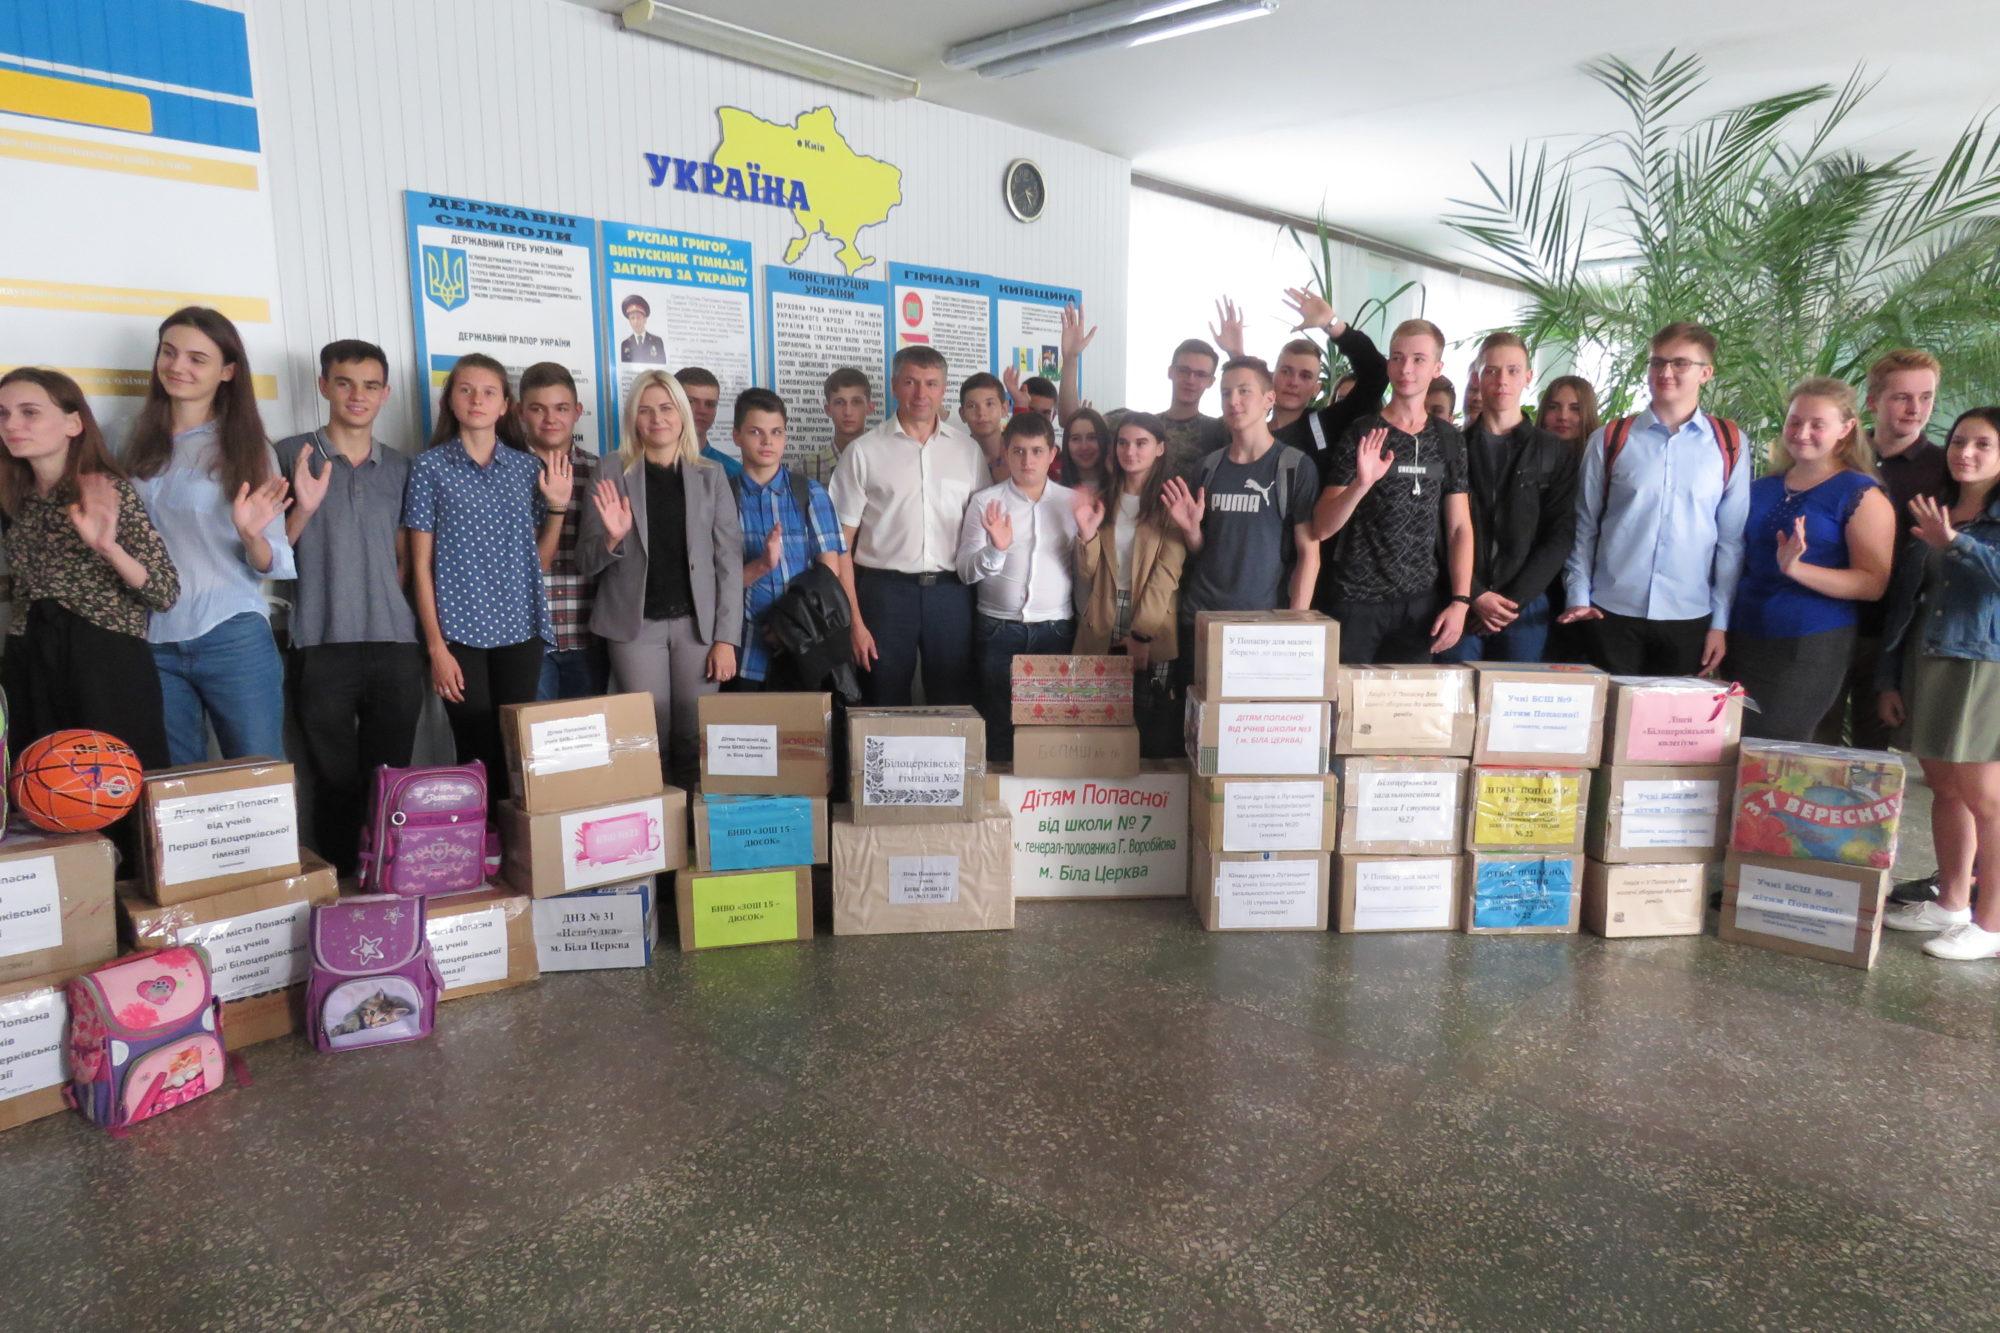 imgbig-11-2000x1333 Дитяча благодійність: білоцерківські діти зібрали речі для дітей Попасної